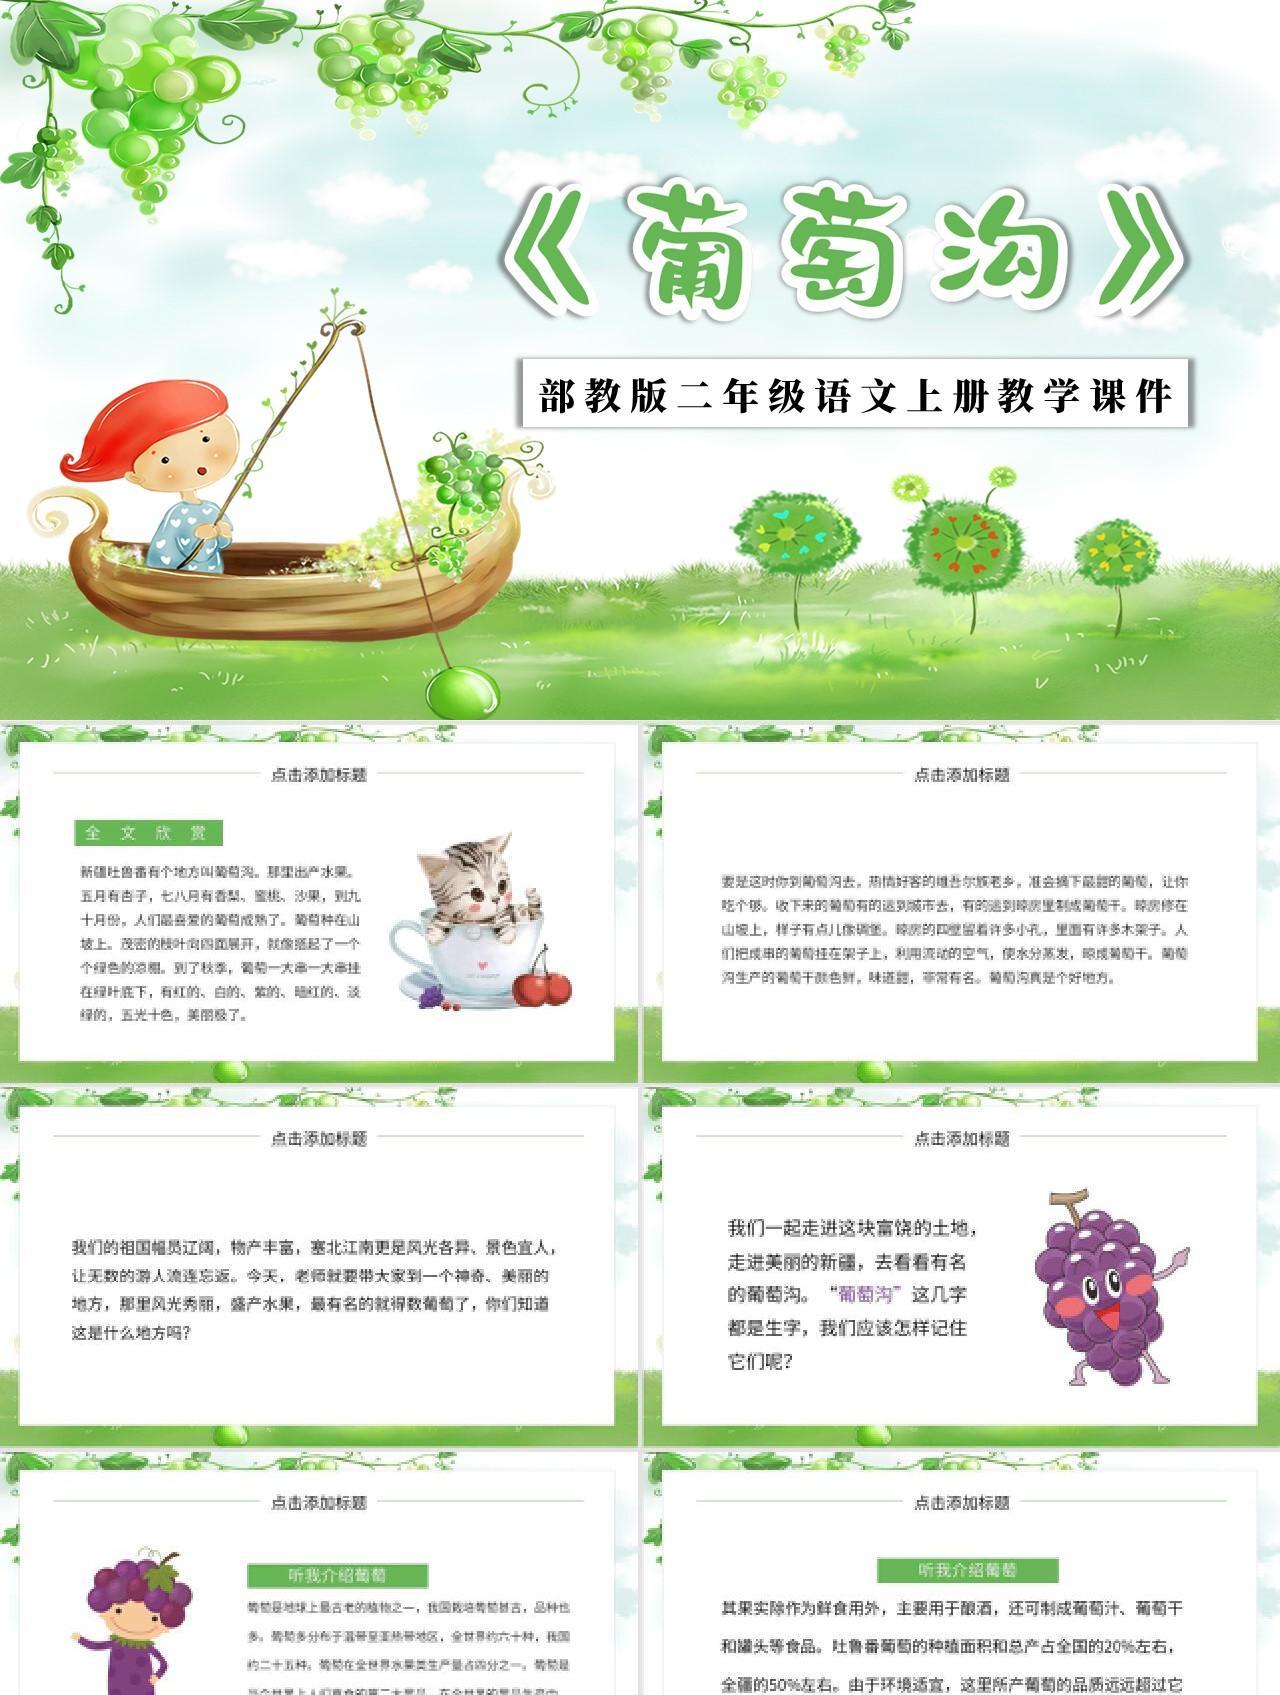 绿色卡通风部编版二年级语文上册葡萄沟课件PPT模板